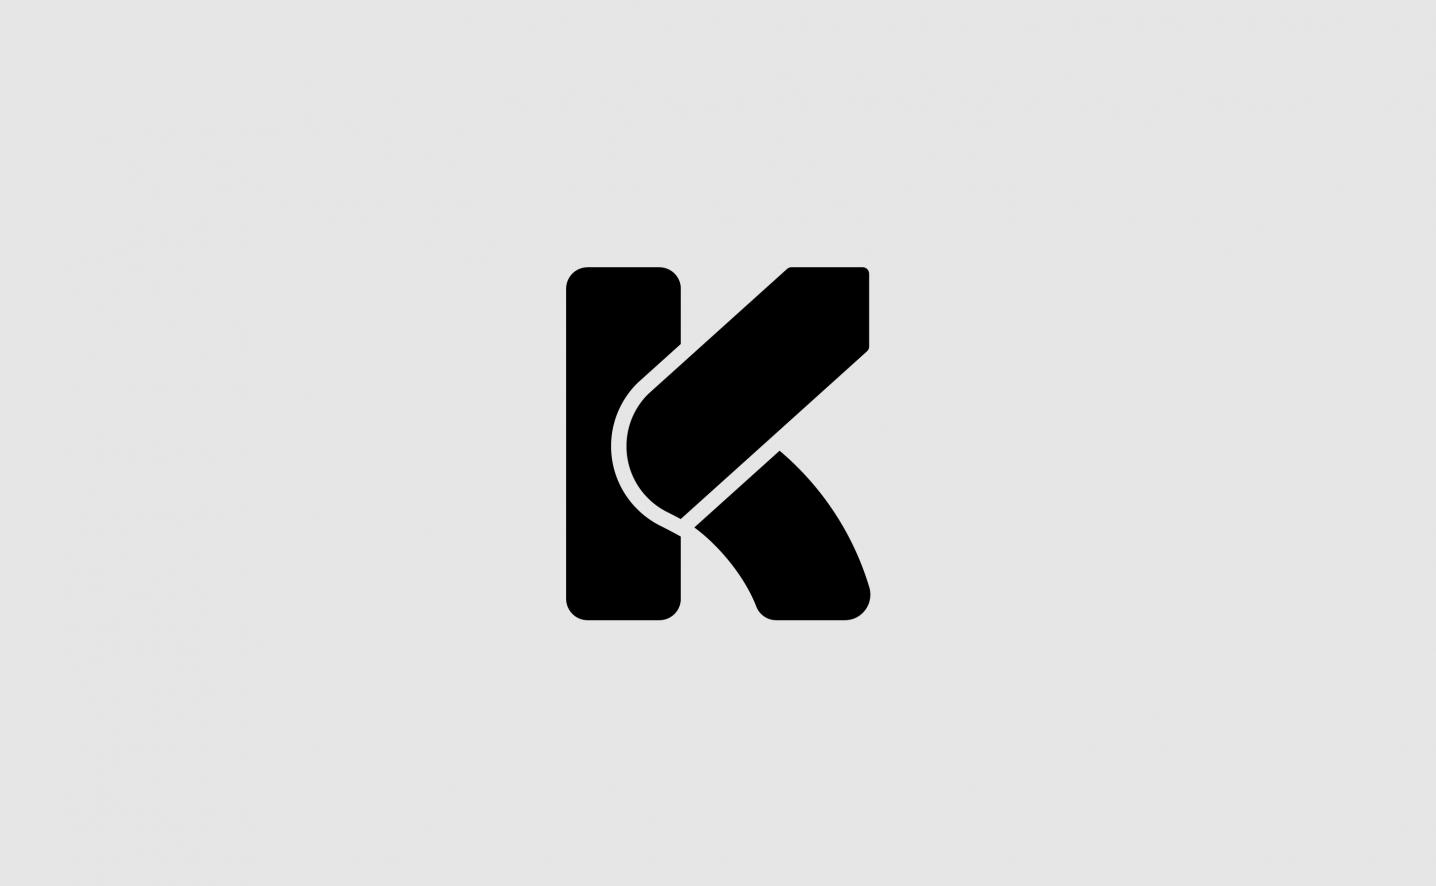 kerbi-logo-design-1